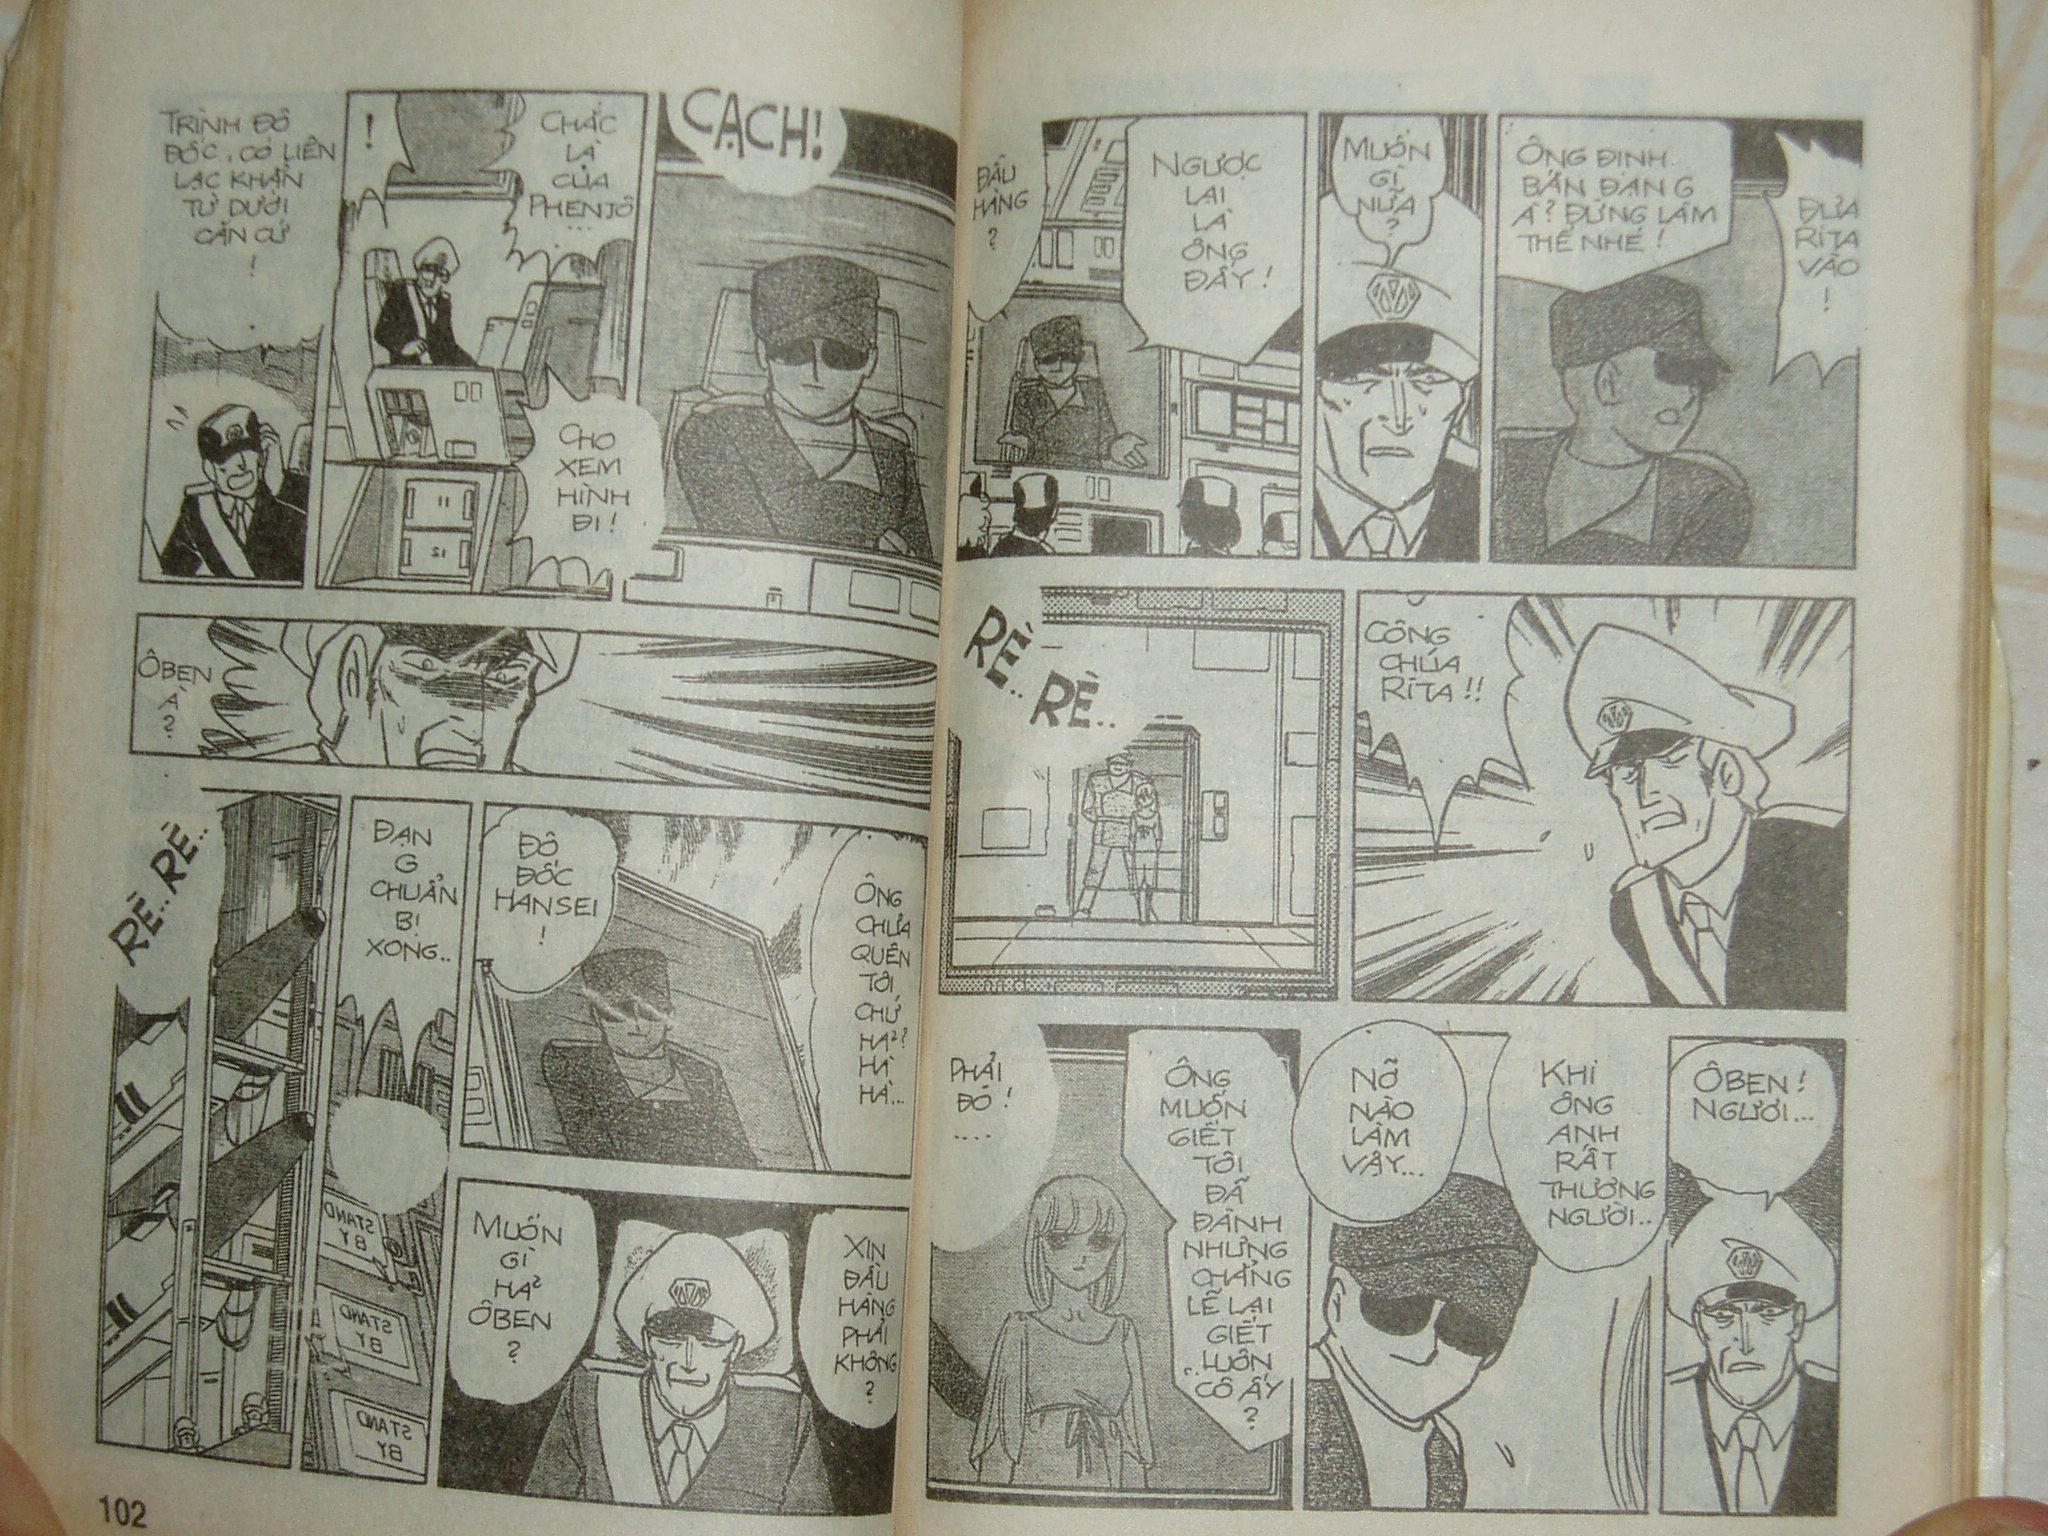 Siêu nhân Locke vol 13 trang 49